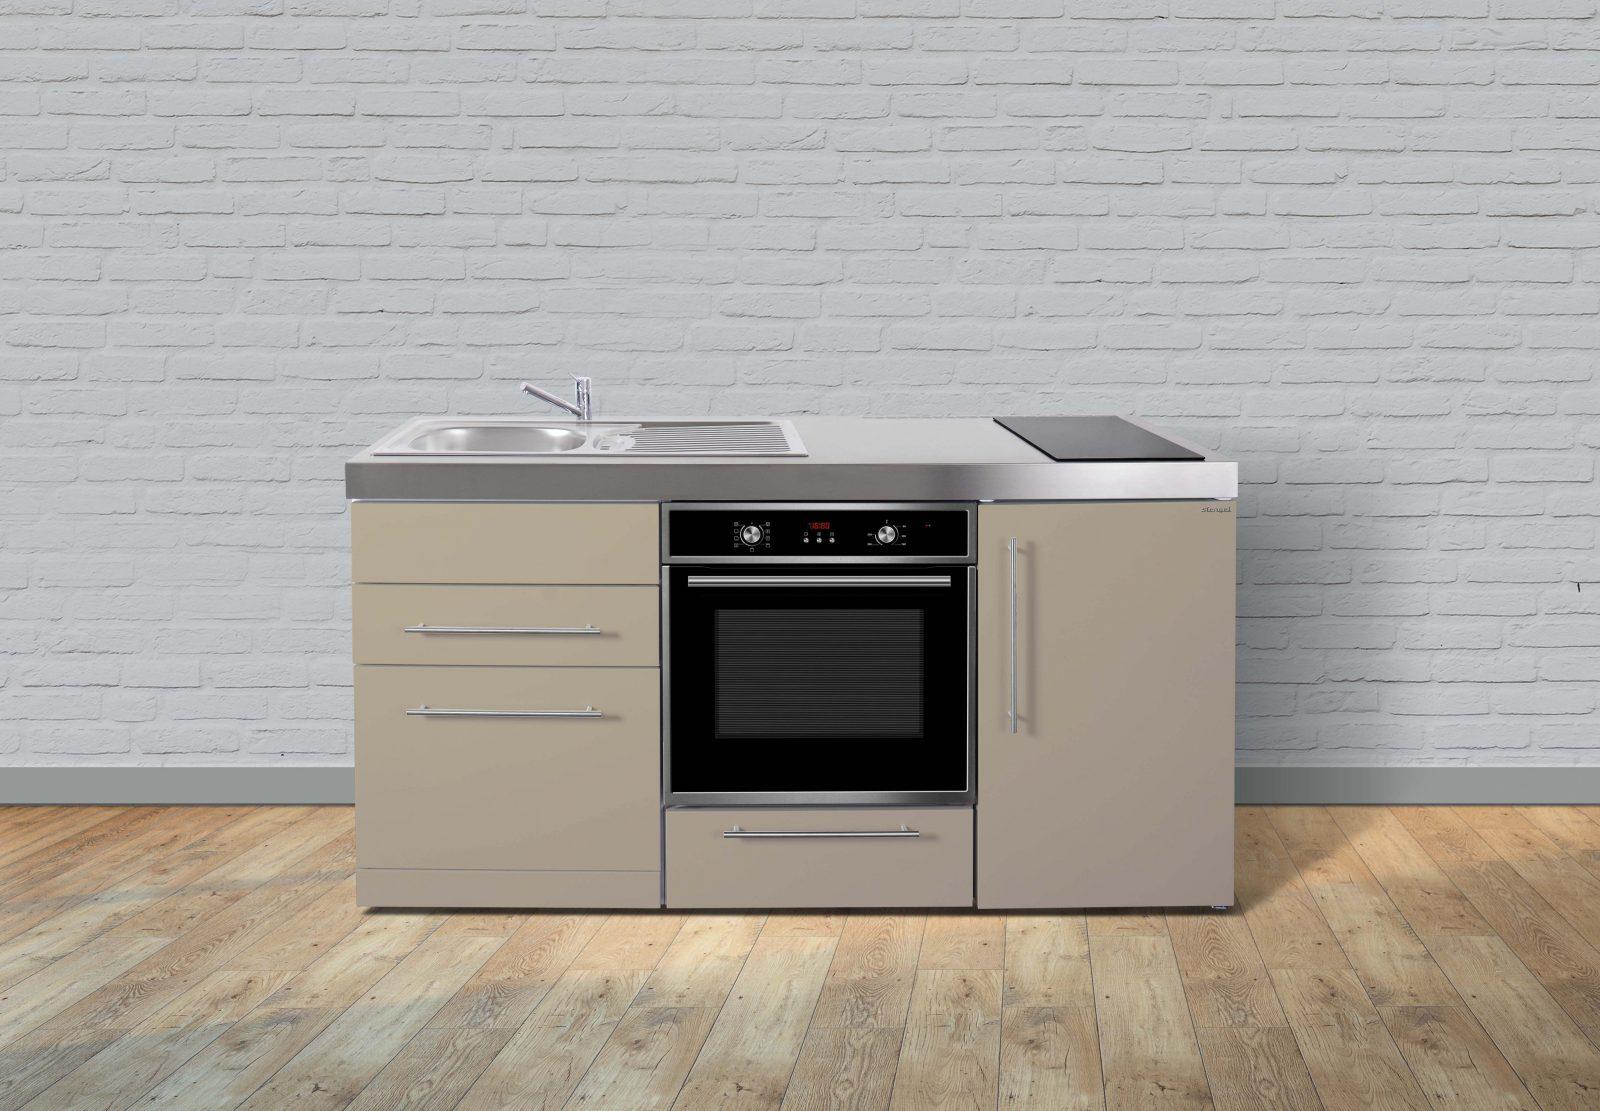 Miniküche 120 Cm Breit Mit Kühlschrank : Kühlschrank 120 cm mehr ergonomie in der küche die richtigen